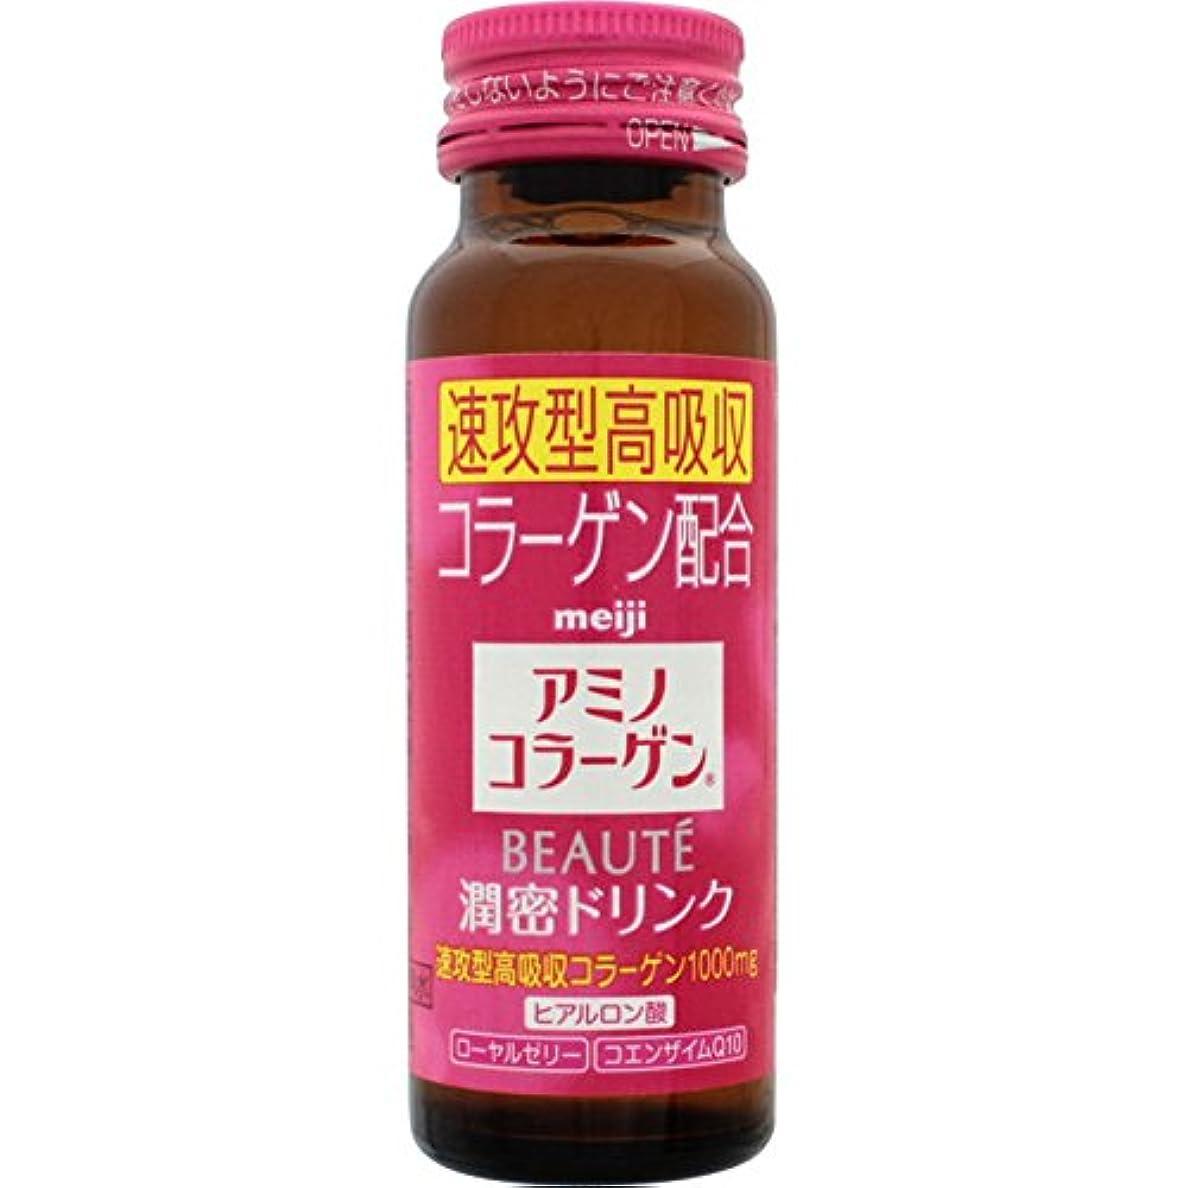 クスクス一緒にかわいらしい明治 アミノコラーゲン BEAUTE(ボーテ) ドリンク 1P